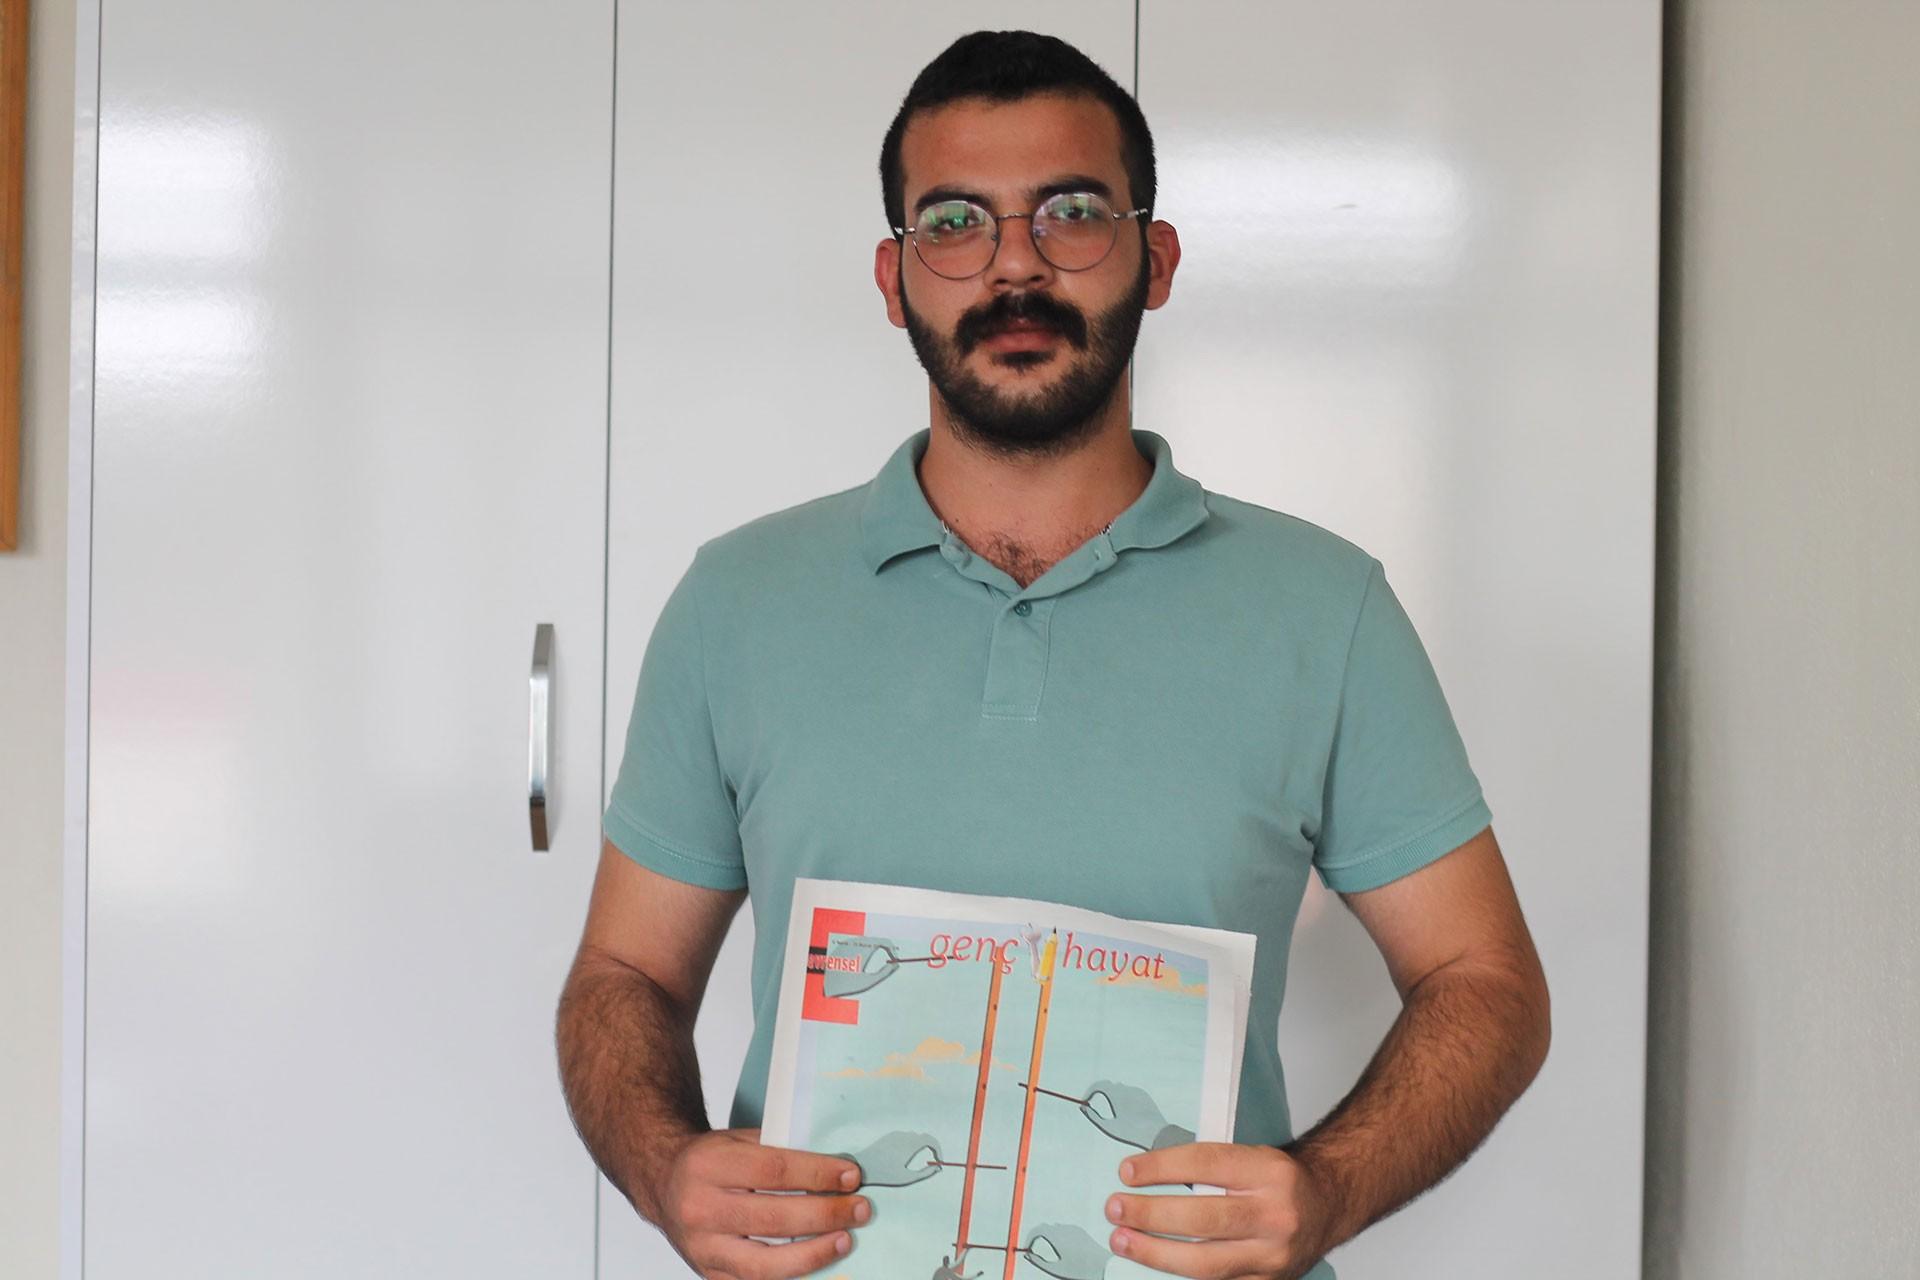 Çukurova Üniversitesinde Evrensel ve Genç Hayat dağıtan öğrenciye ceza kesildi